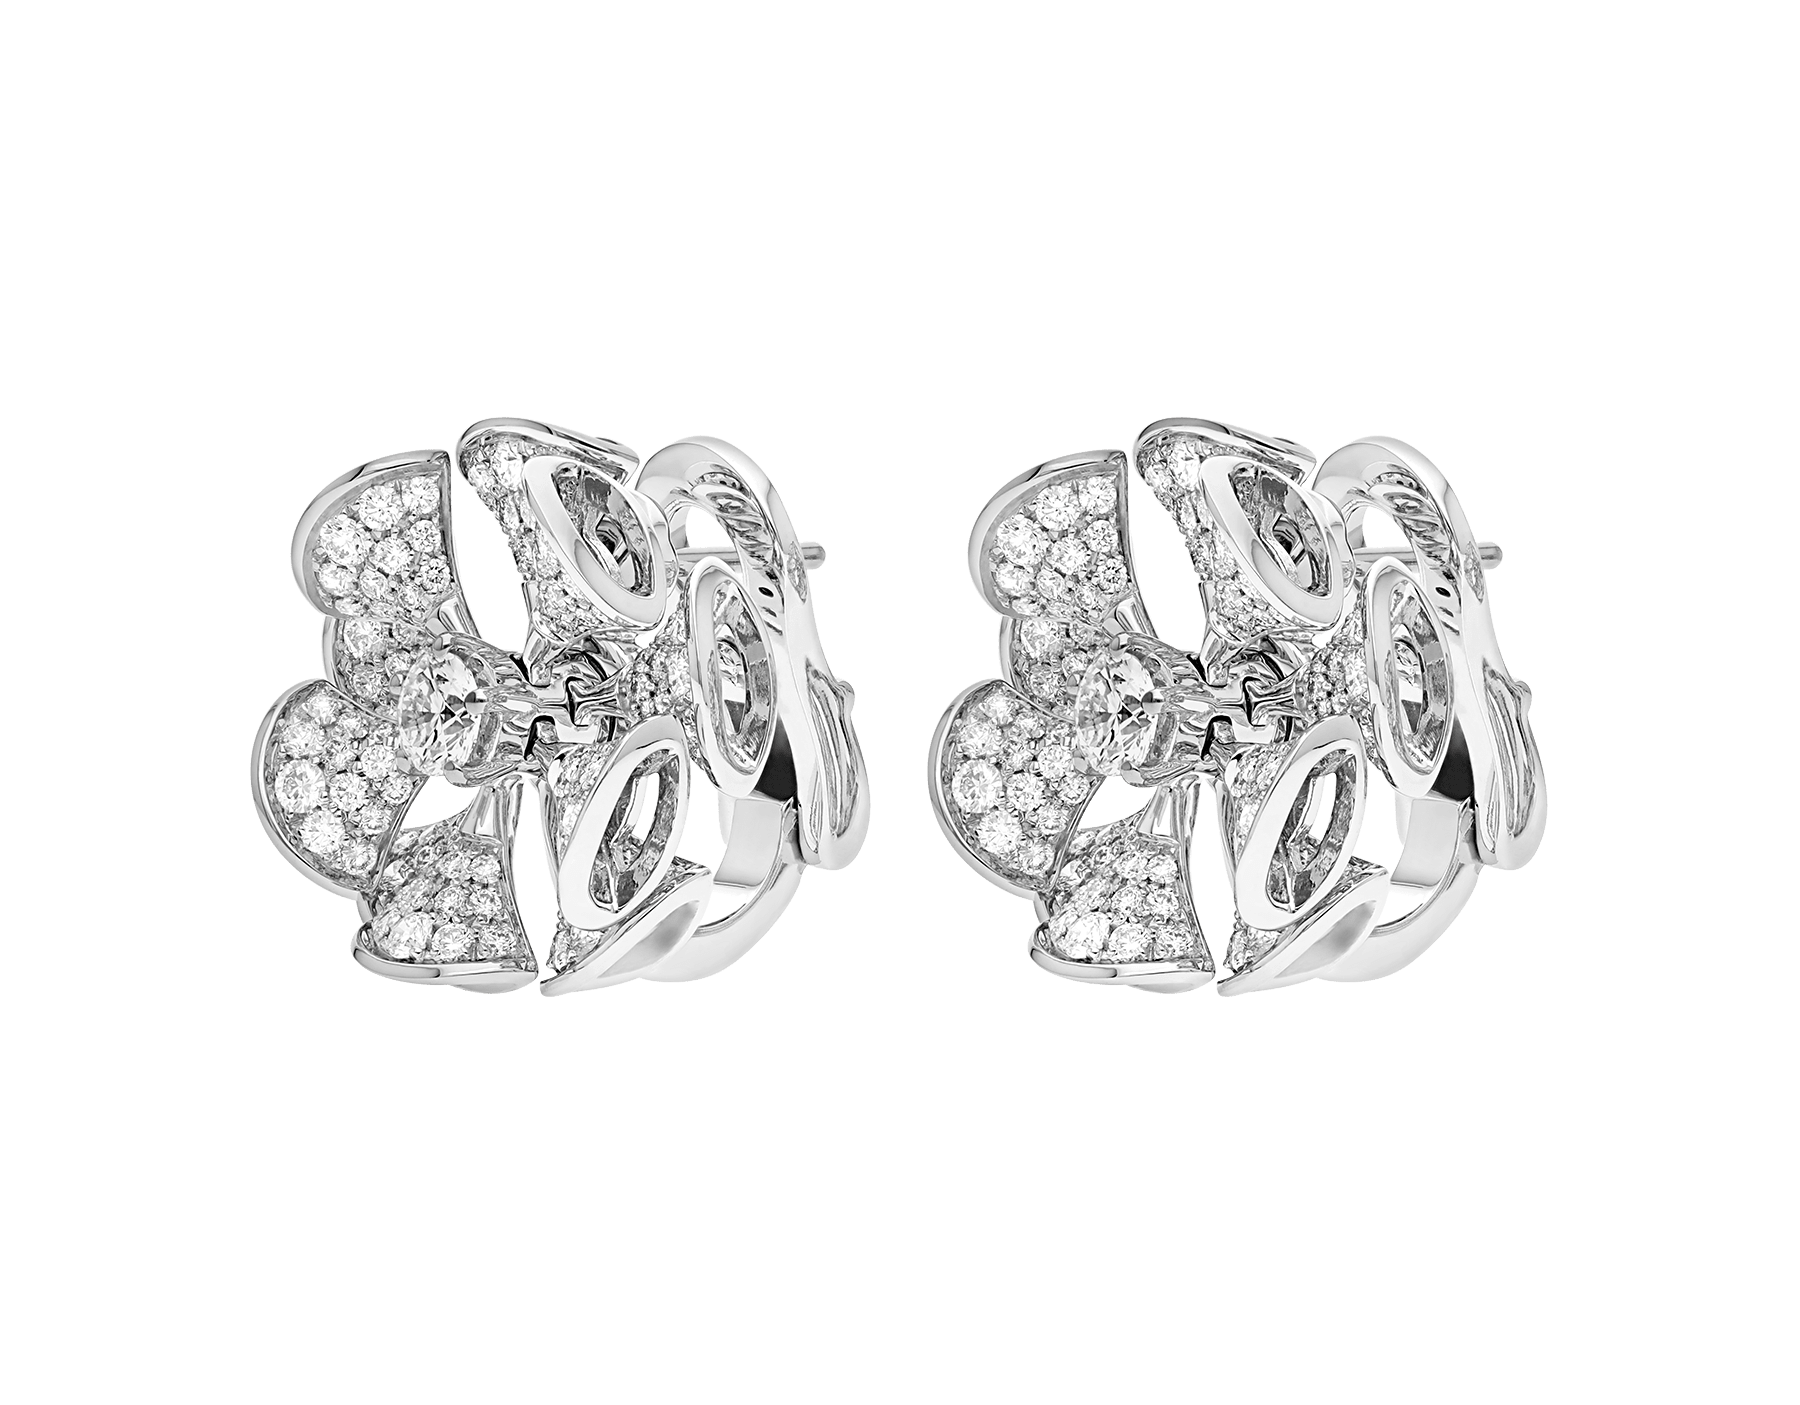 Les boucles d'oreilles DIVAS' DREAM règnent en reines sur le jardin du glamour en se parant d'or blanc et de pétales en pavé diamants à l'élégance florale. 350785 image 2